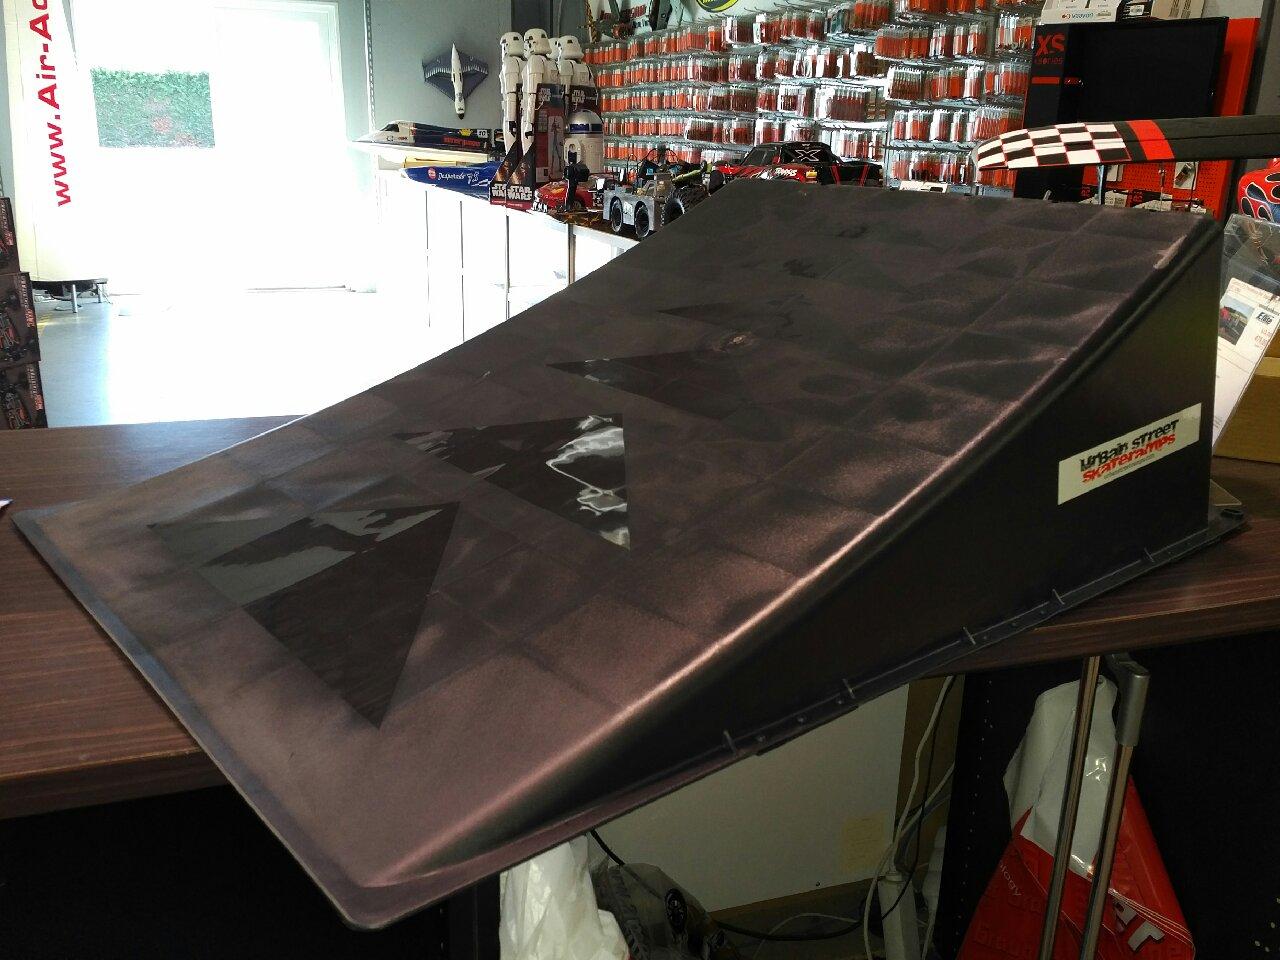 rampe tremplin pour voitures radiocommand es modelisme. Black Bedroom Furniture Sets. Home Design Ideas